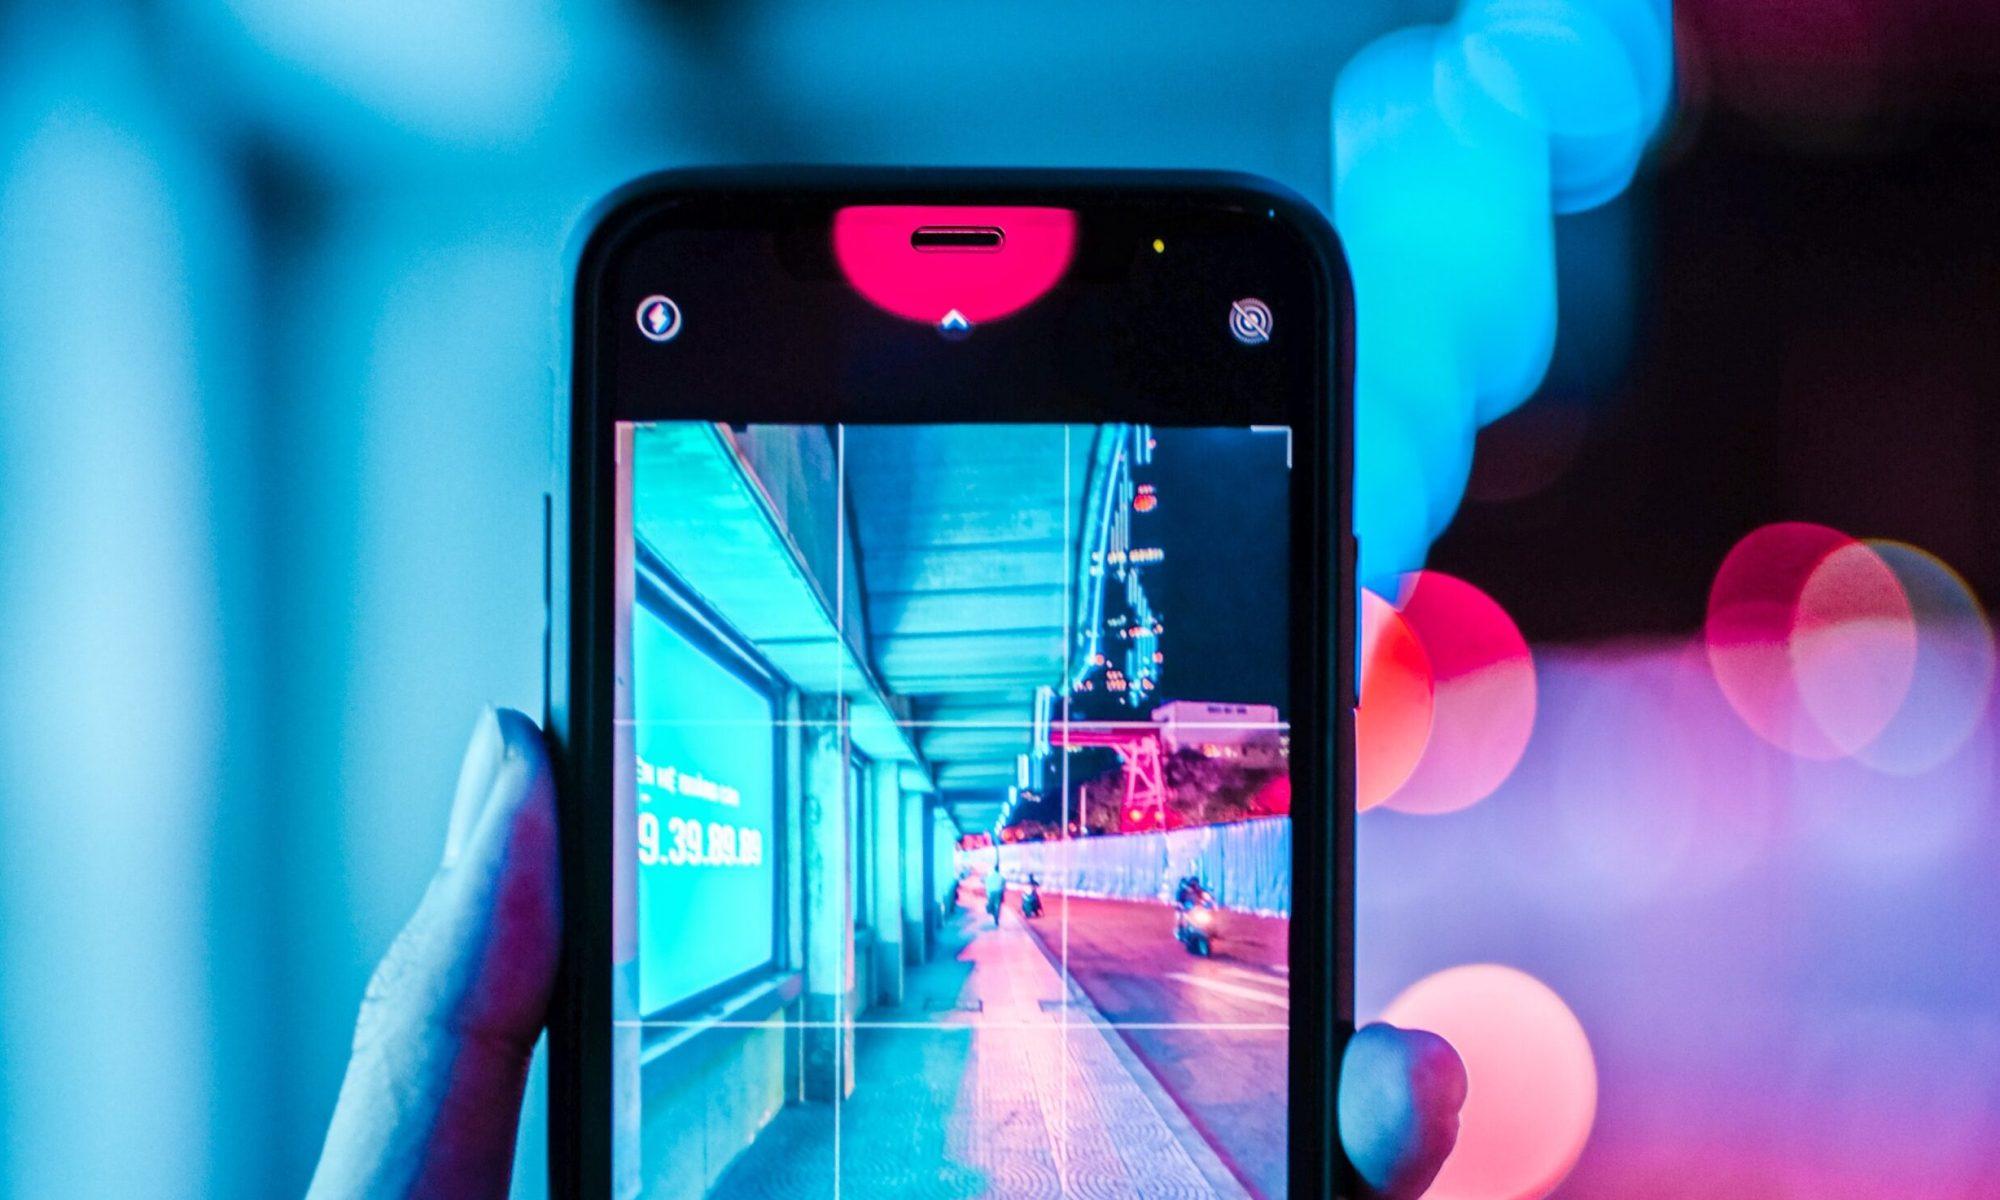 Cómo silenciar el sonido de la cámara cuando hacemos una foto con nuestro iPhone